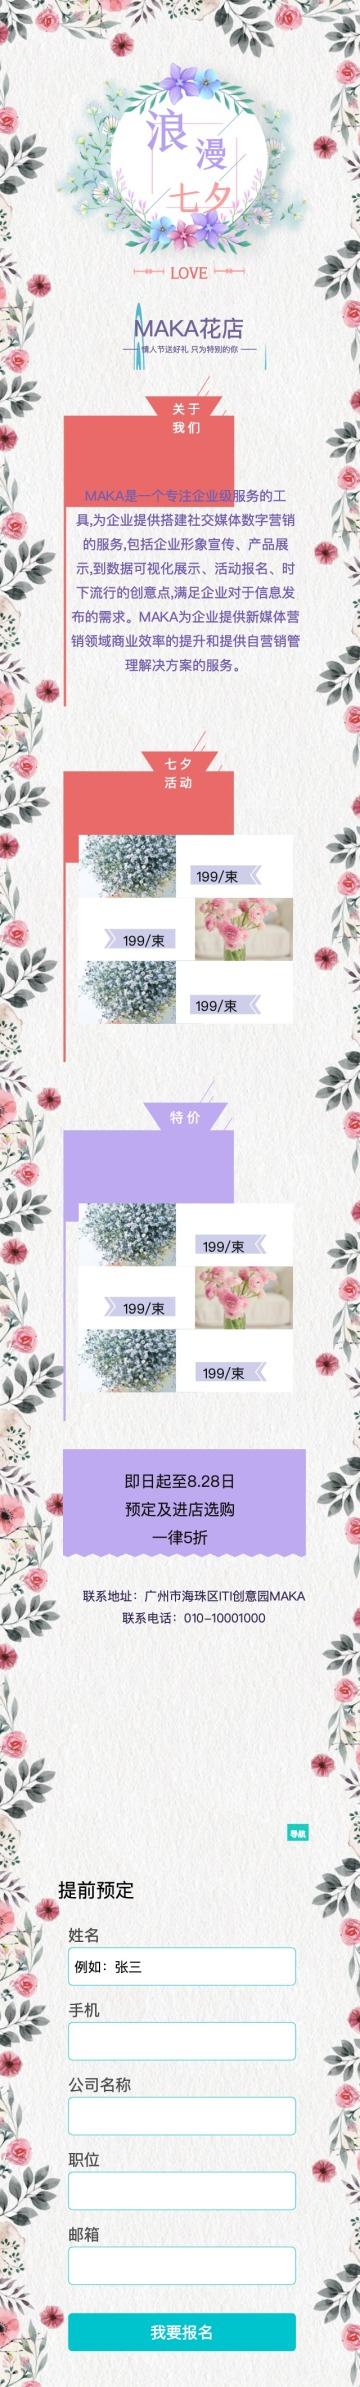 七夕唯美浪漫花店花束促销活动宣传落地单页